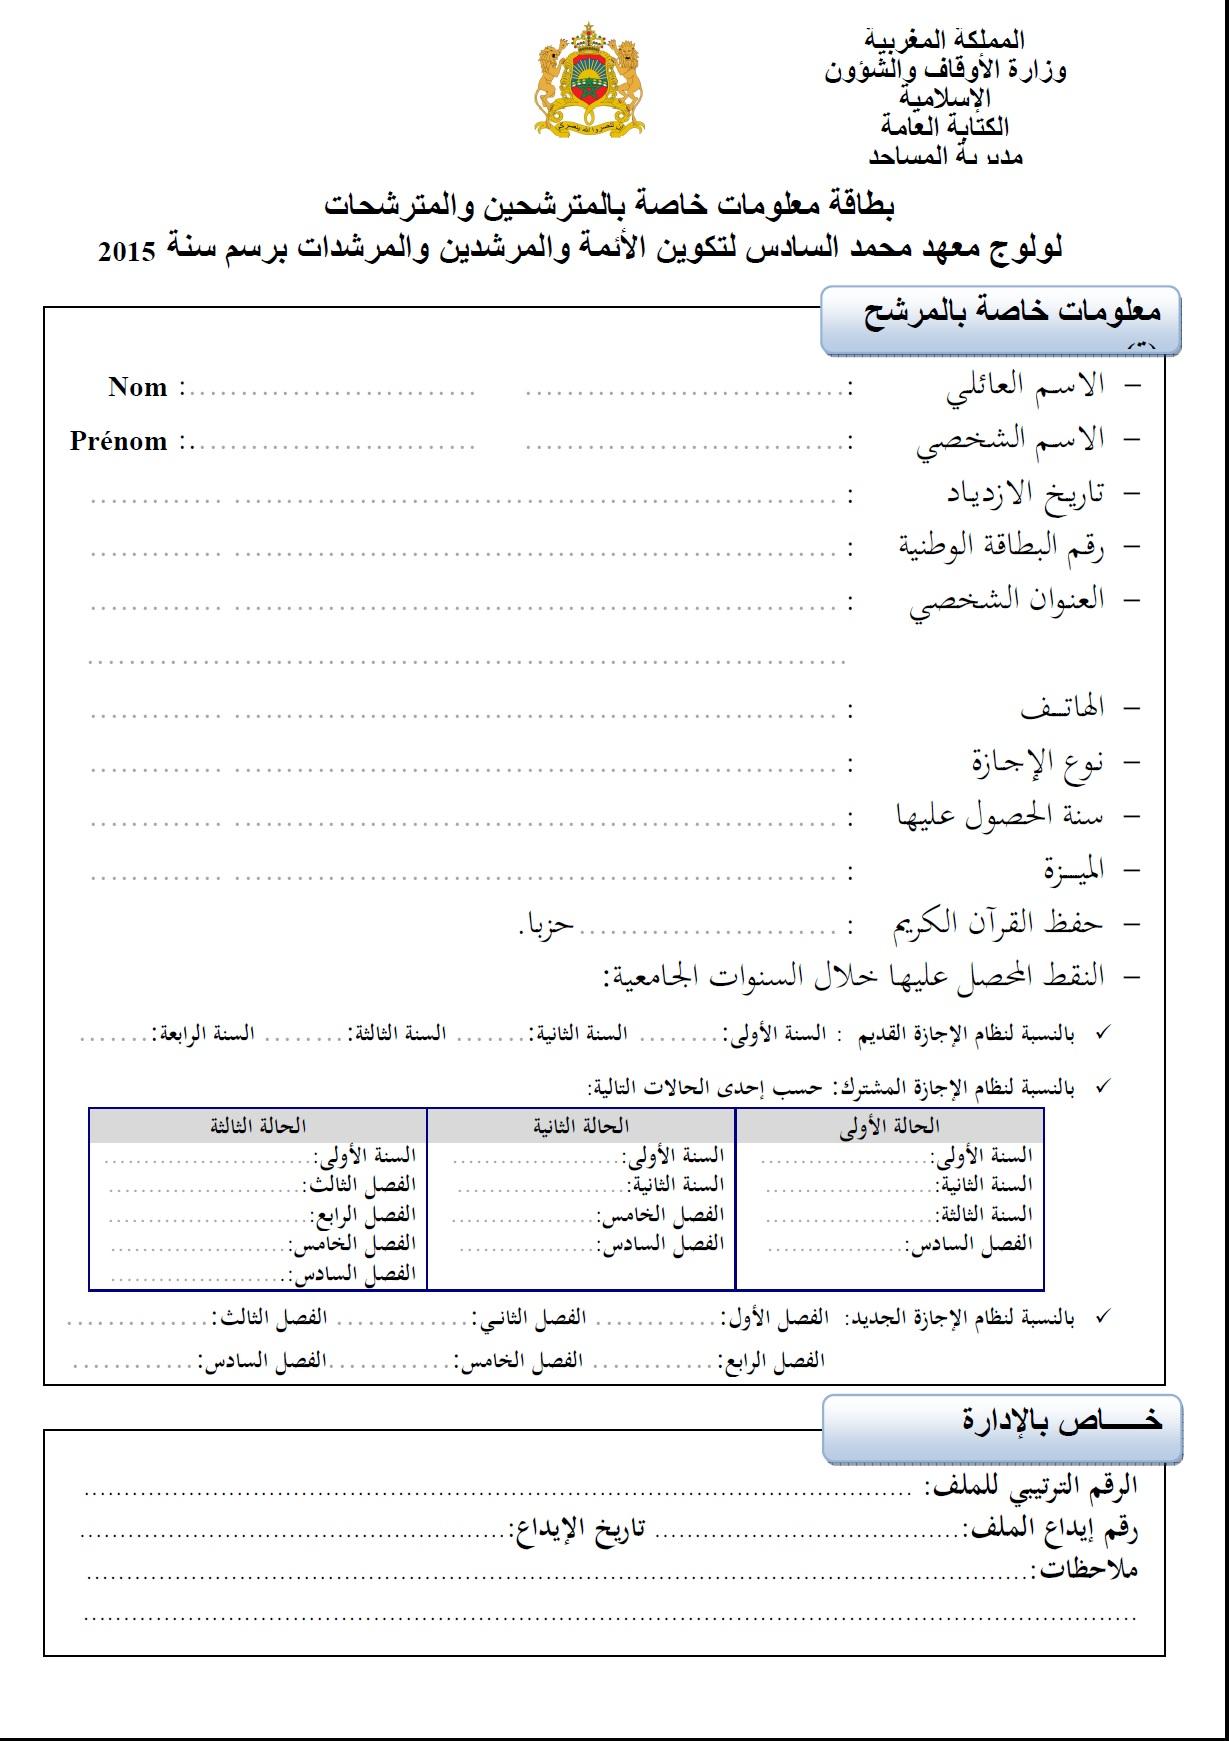 إعلان معهد تكوين الأئمة والمرشدين عن انتقاء 100 مرشدة و150 إمام مؤطر